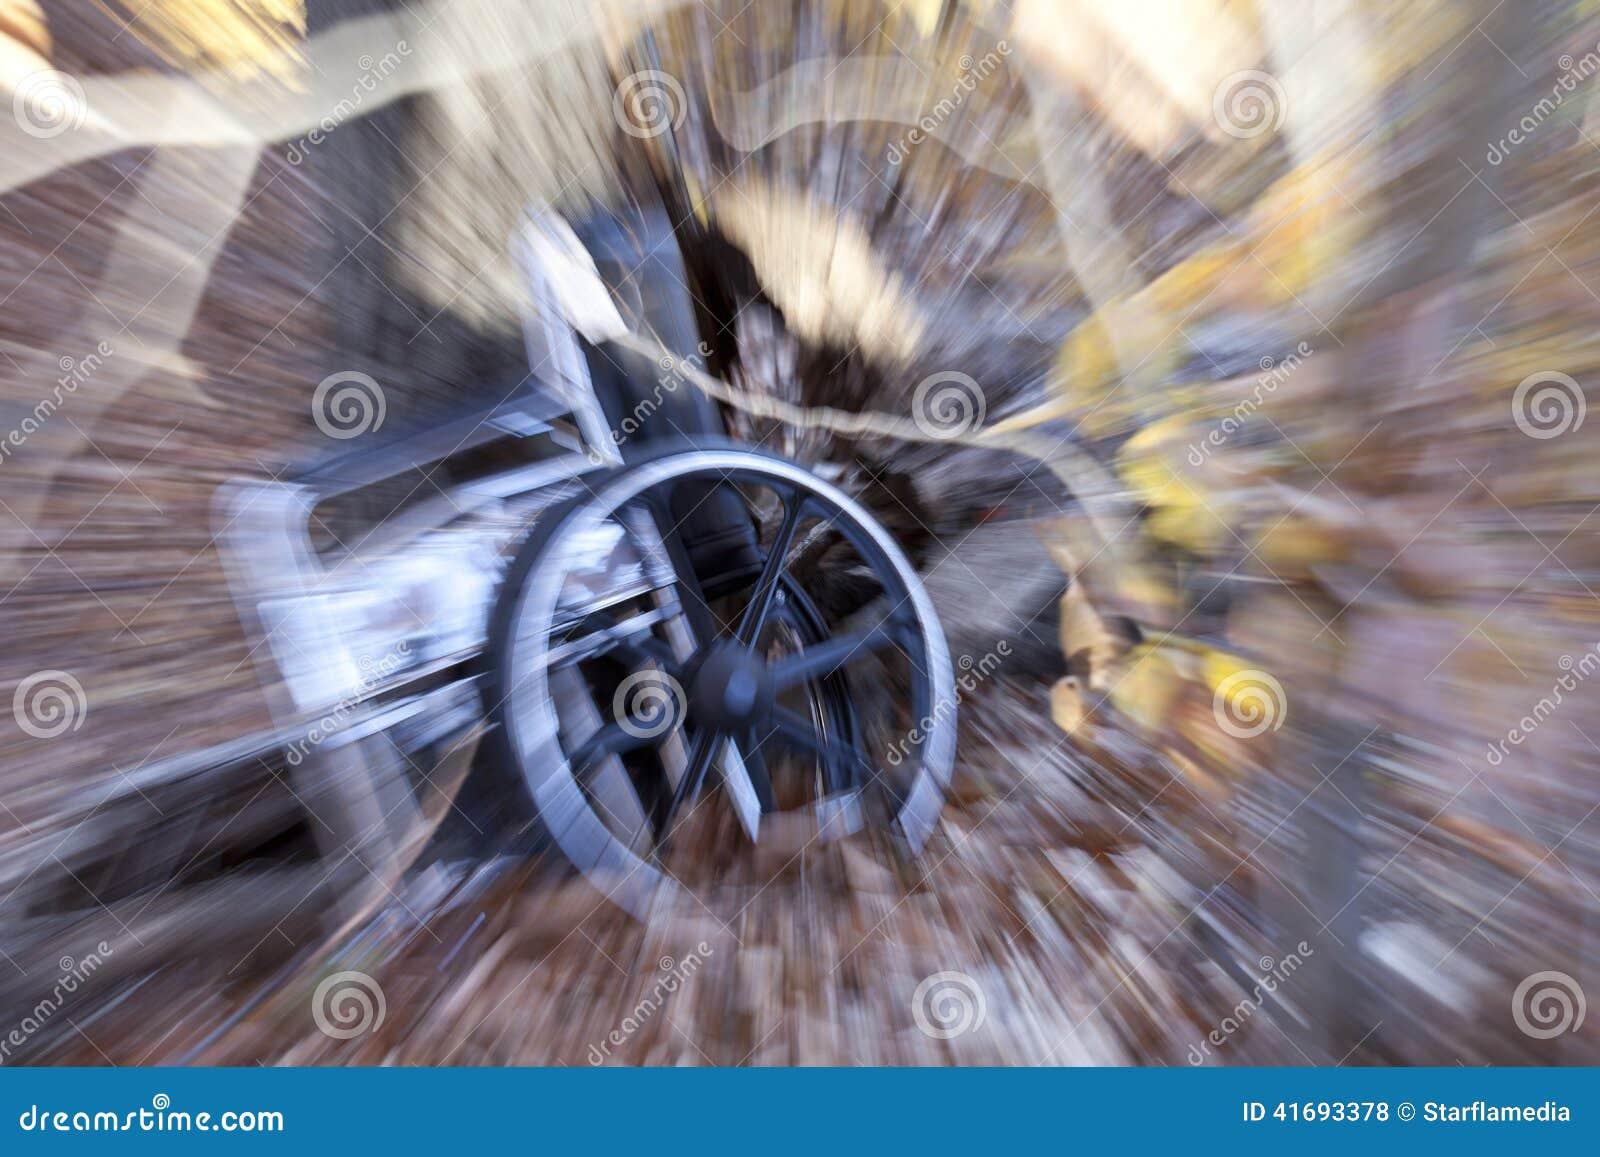 Incidente della sedia a rotelle